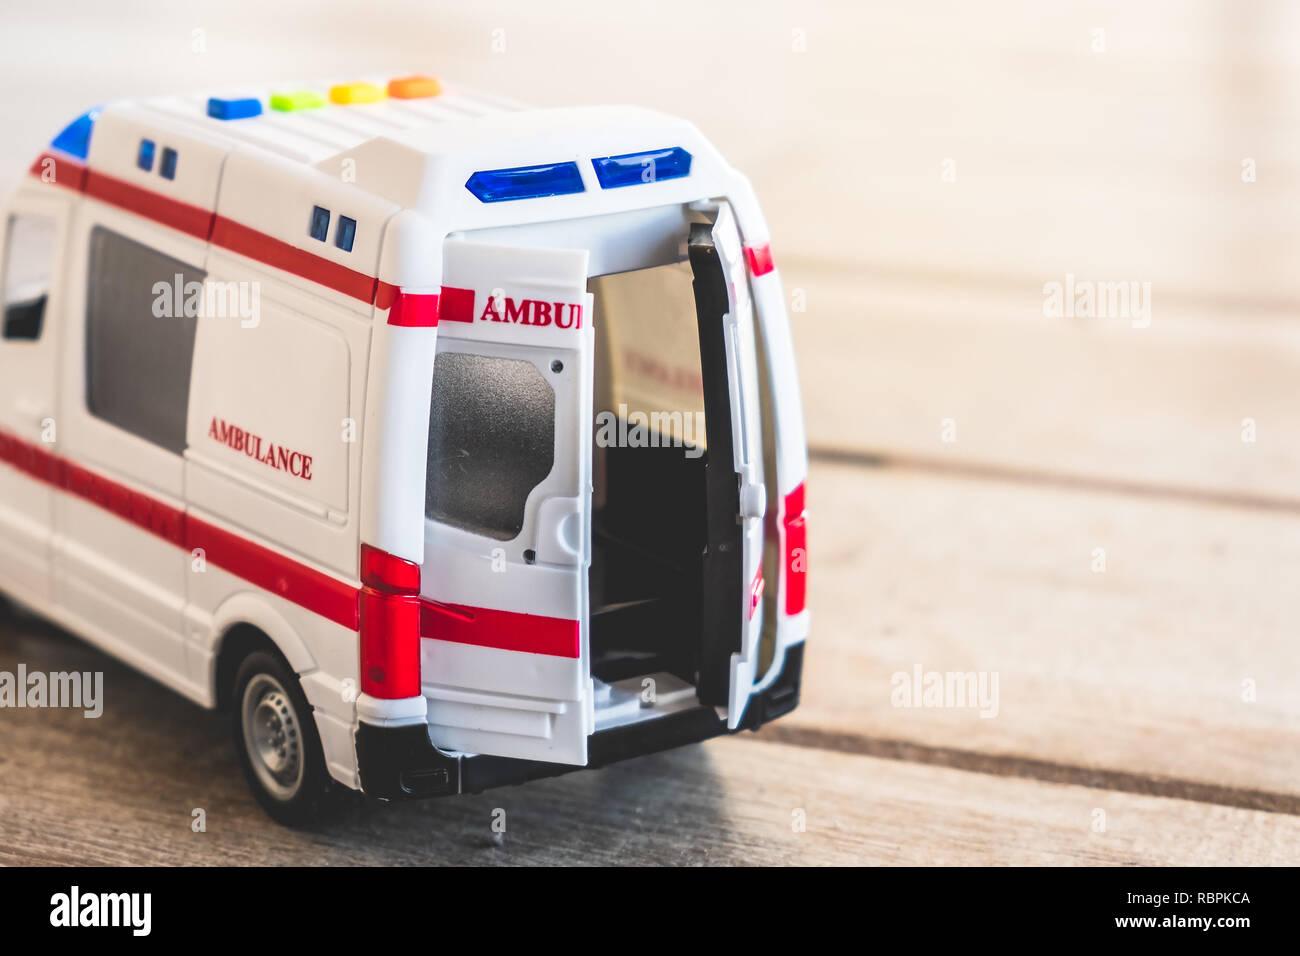 Puertas de ambulancia antecedentes de salud cerca de juguete Imagen De Stock